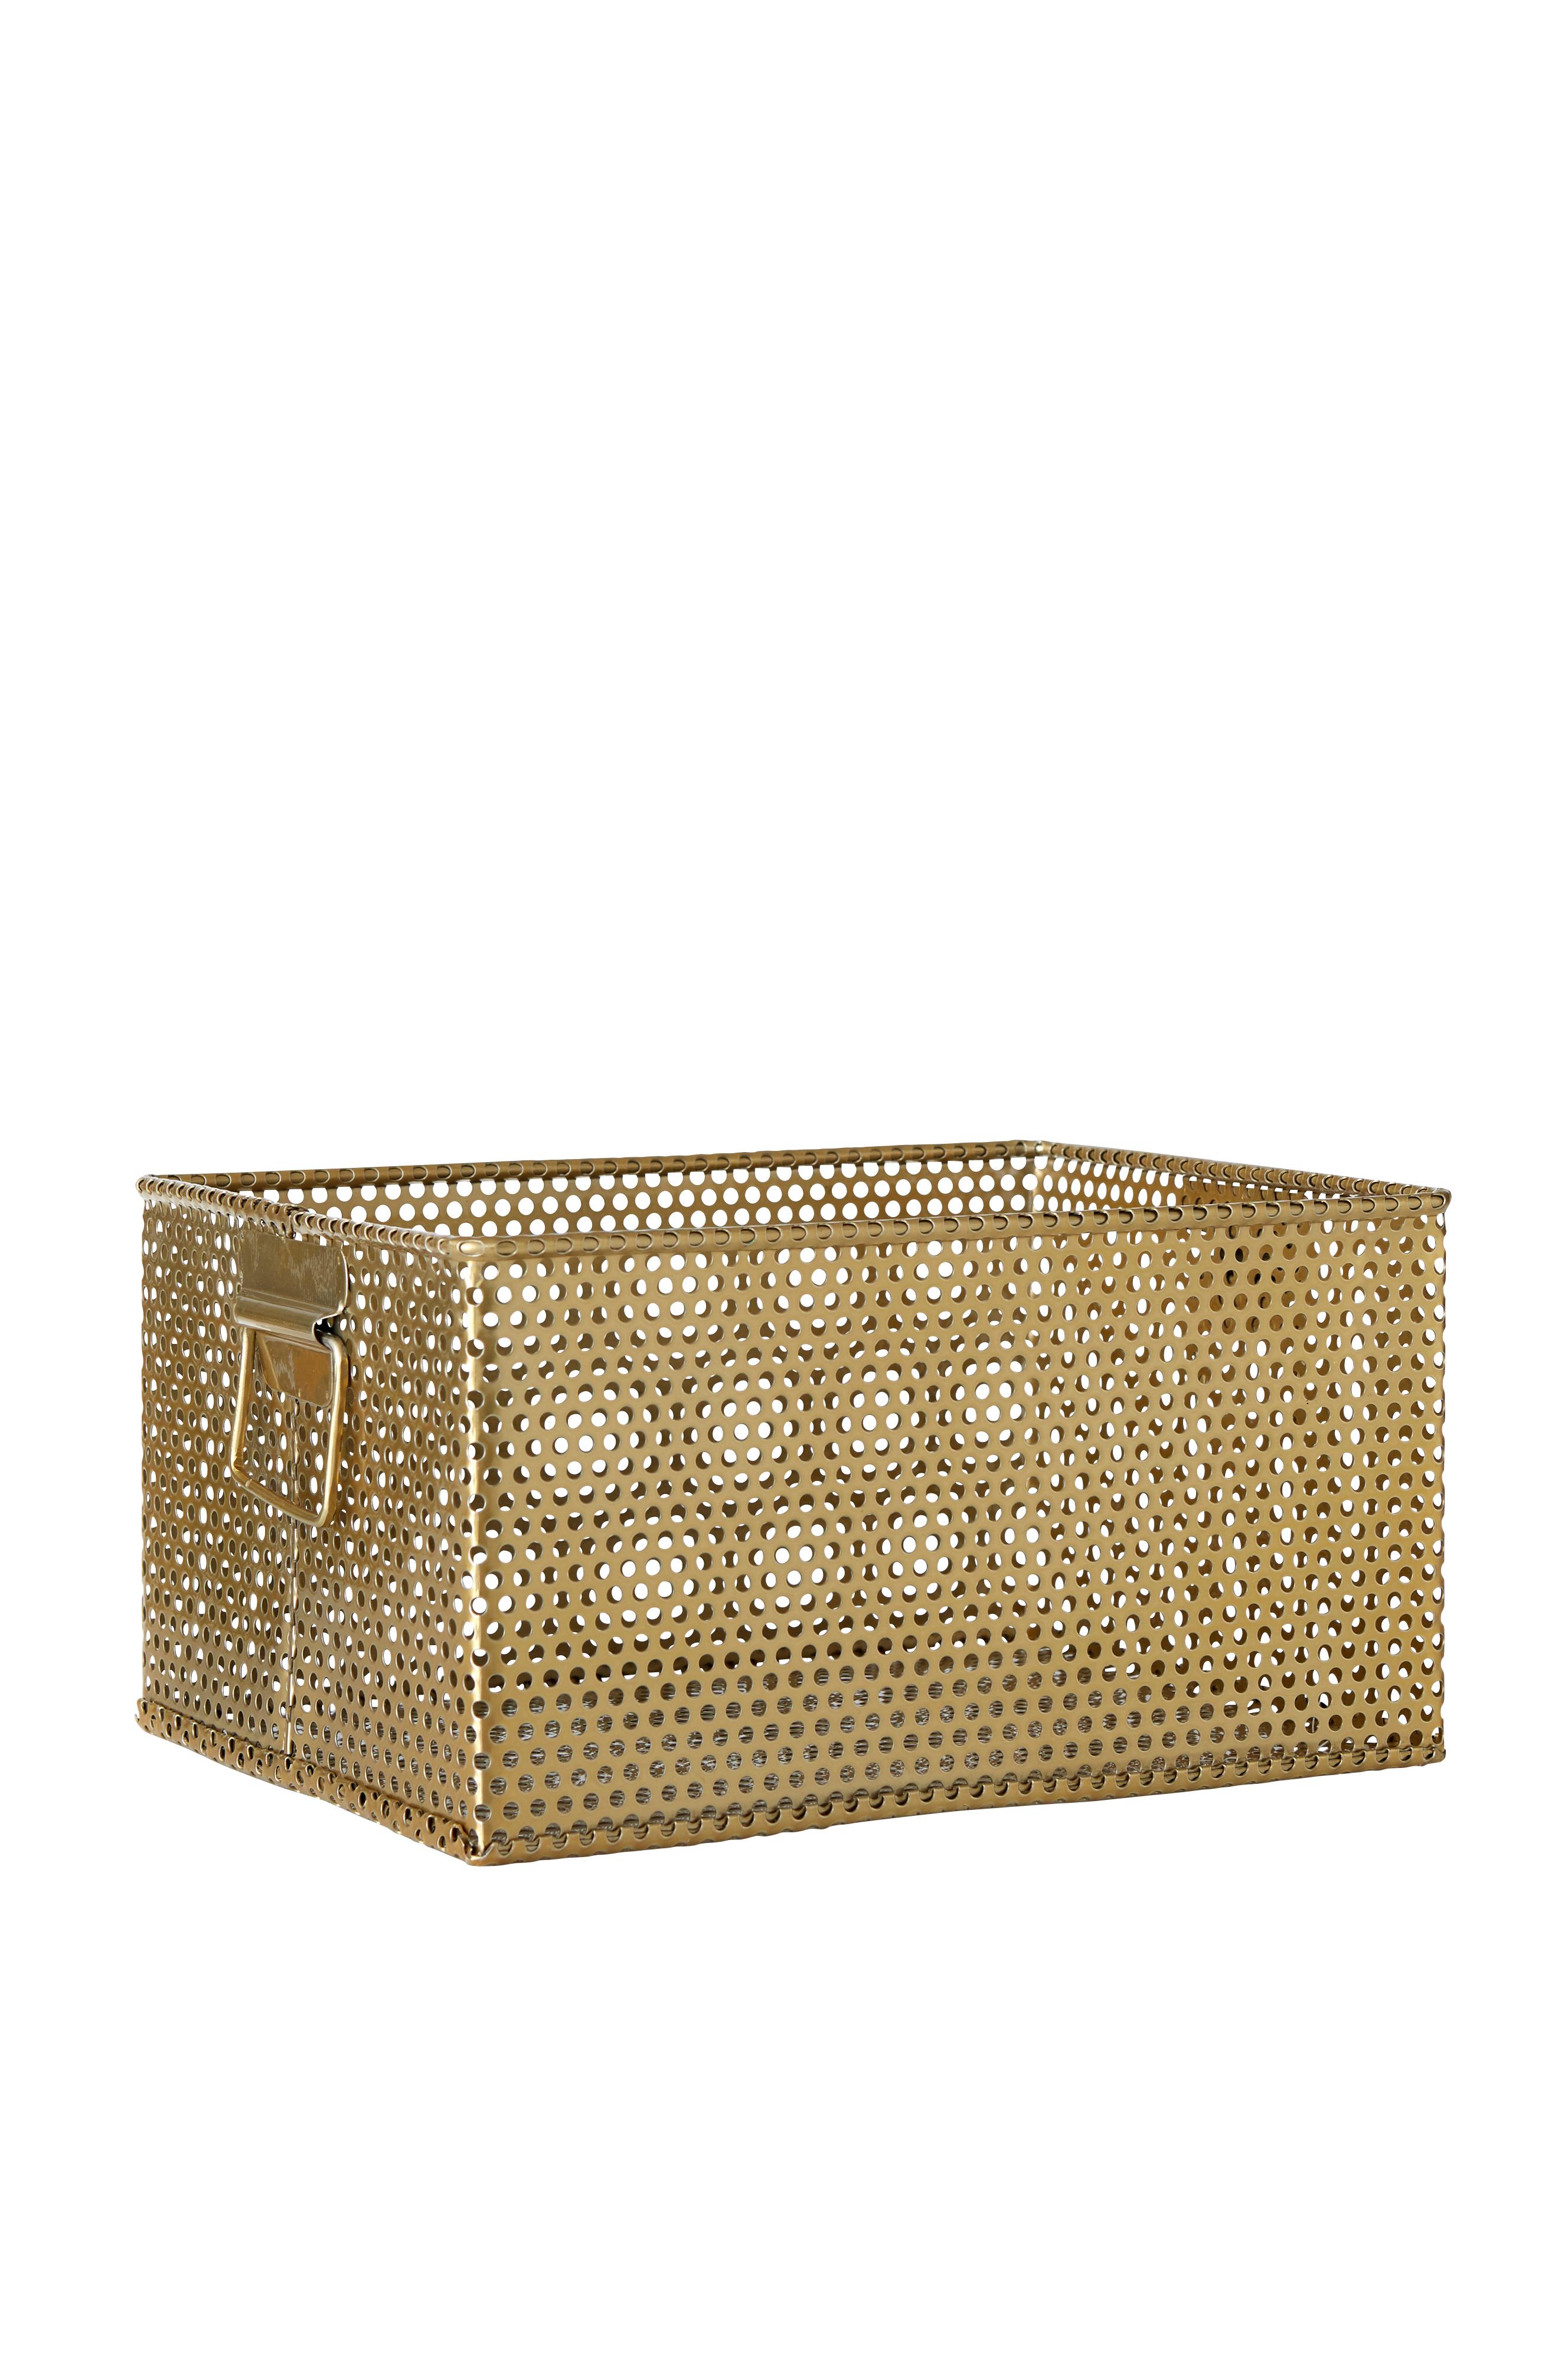 Laatikko messinginväristä metallia, jossa stanssatut reiät. Kahva lyhyillä sivuilla. Mitat: 24x31 cm. Korkeus 16 cm.